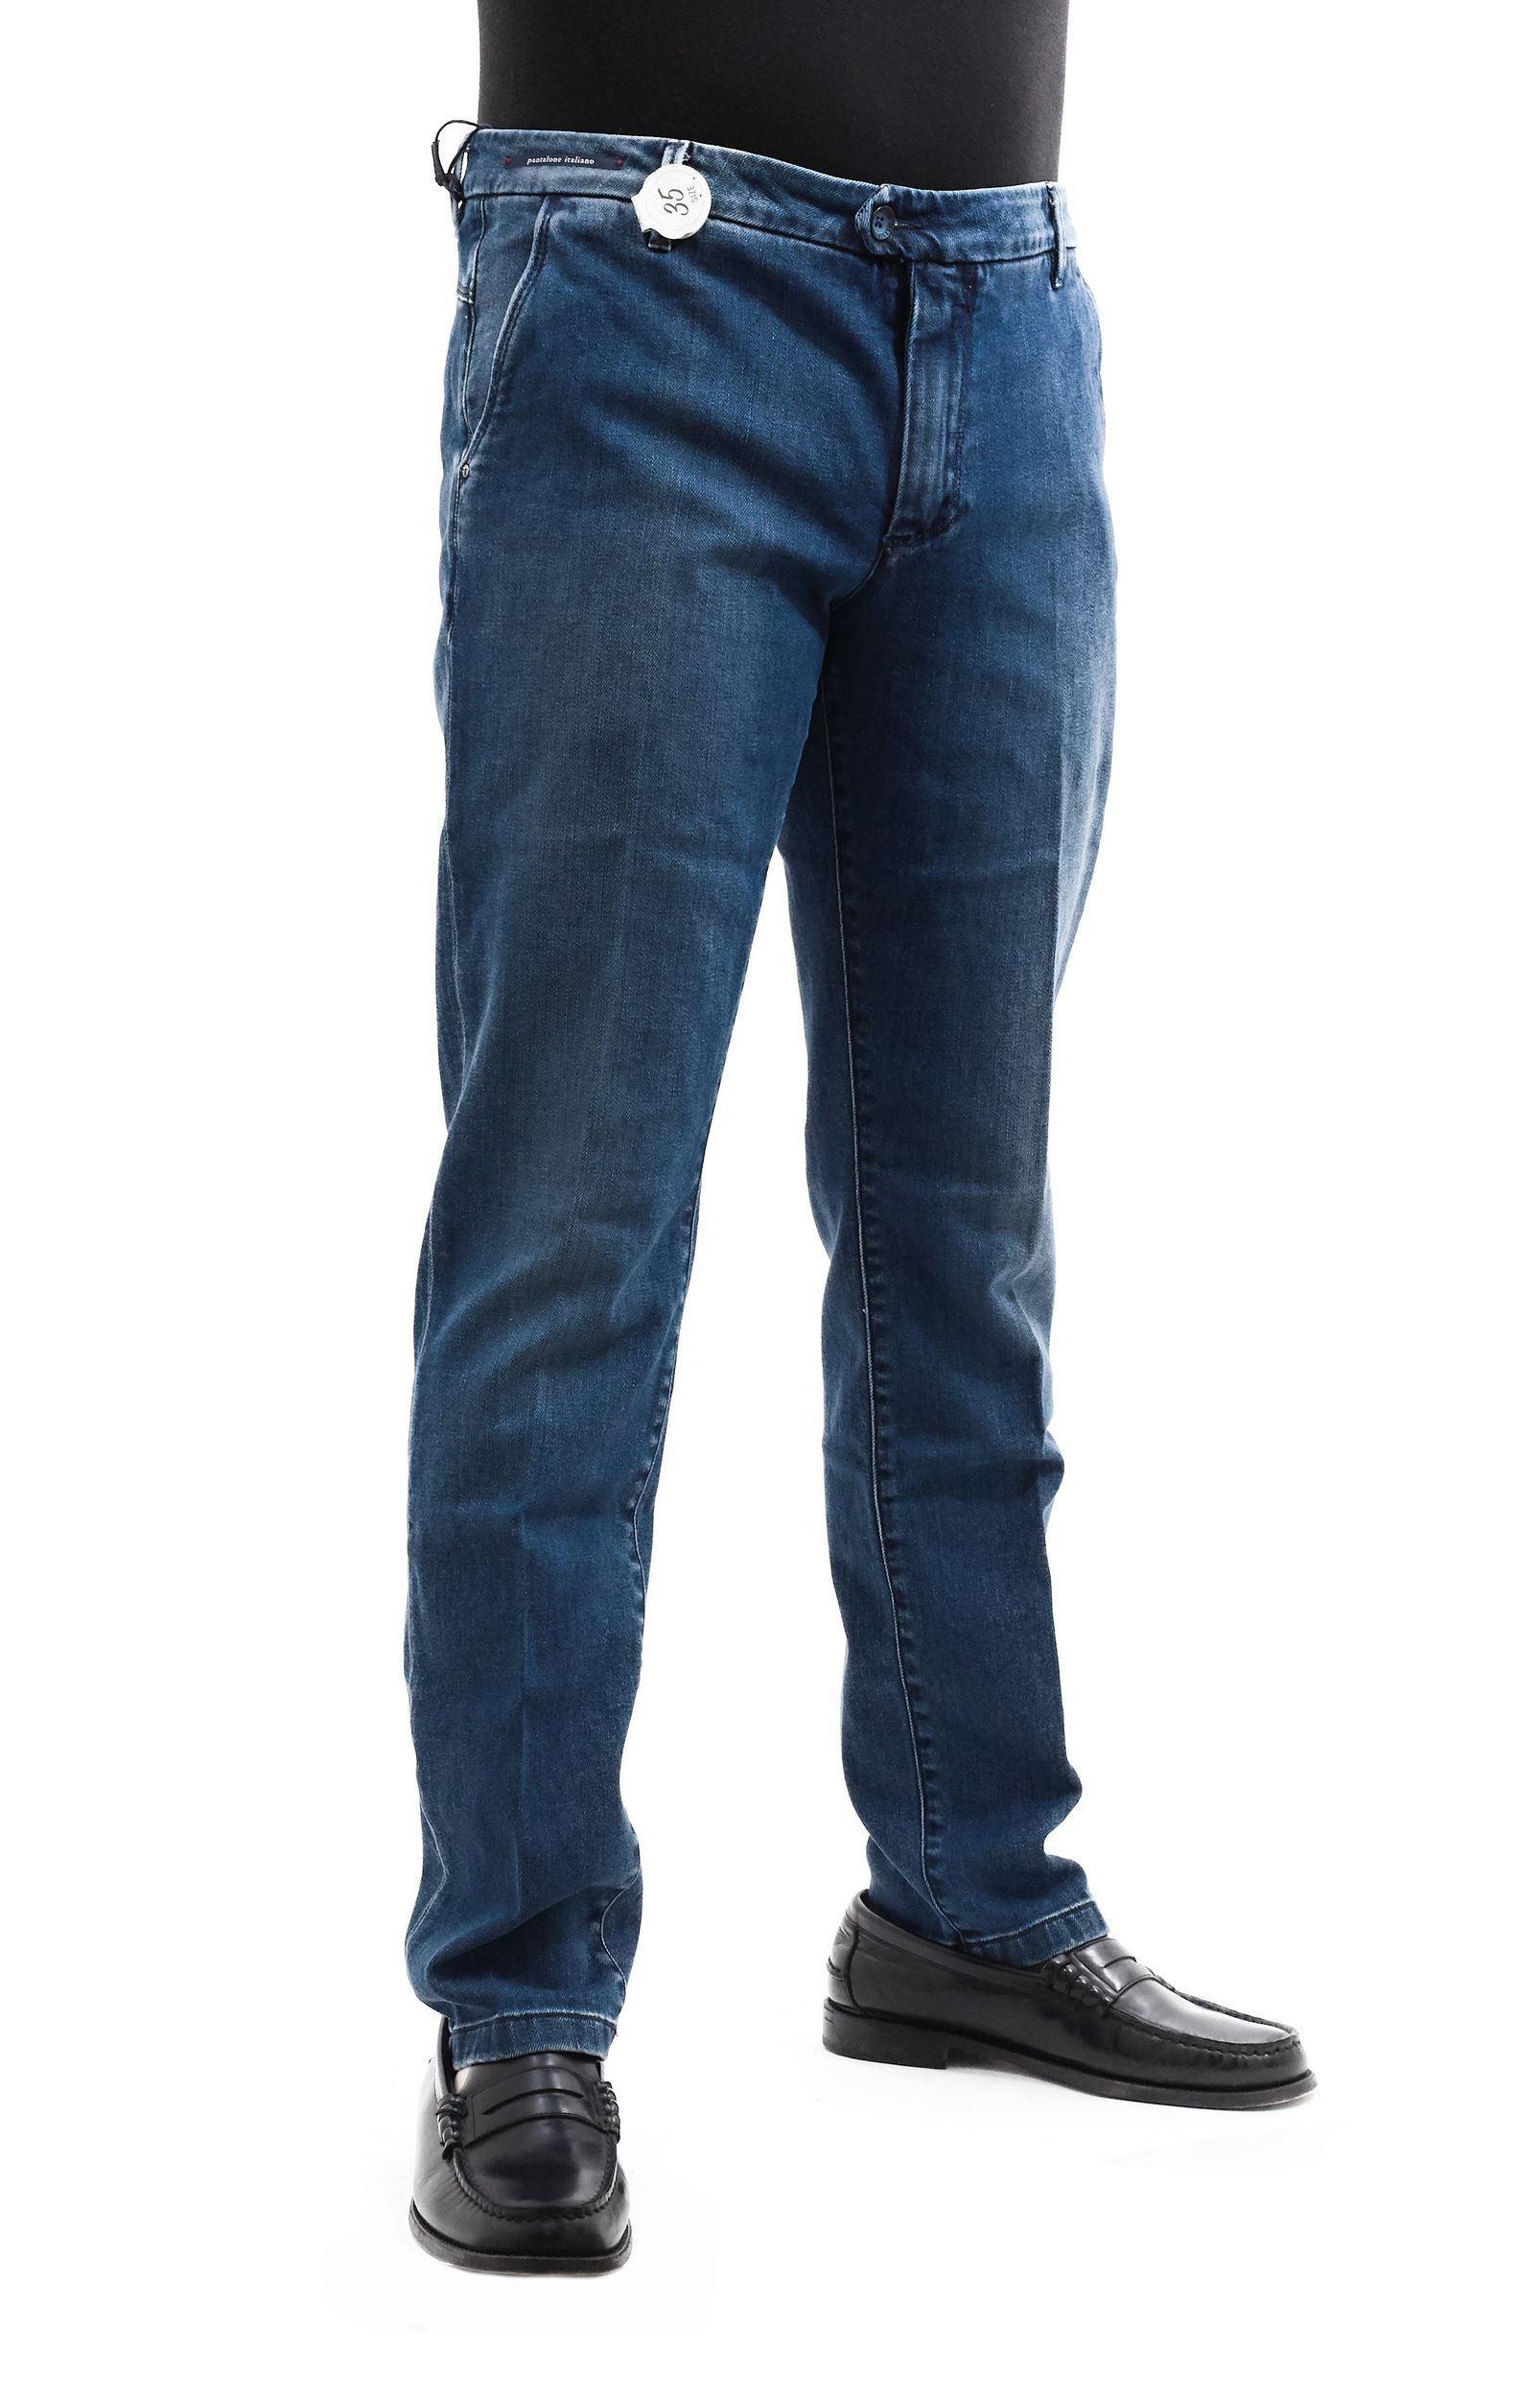 Immagine di Pantalone jeans tasche america